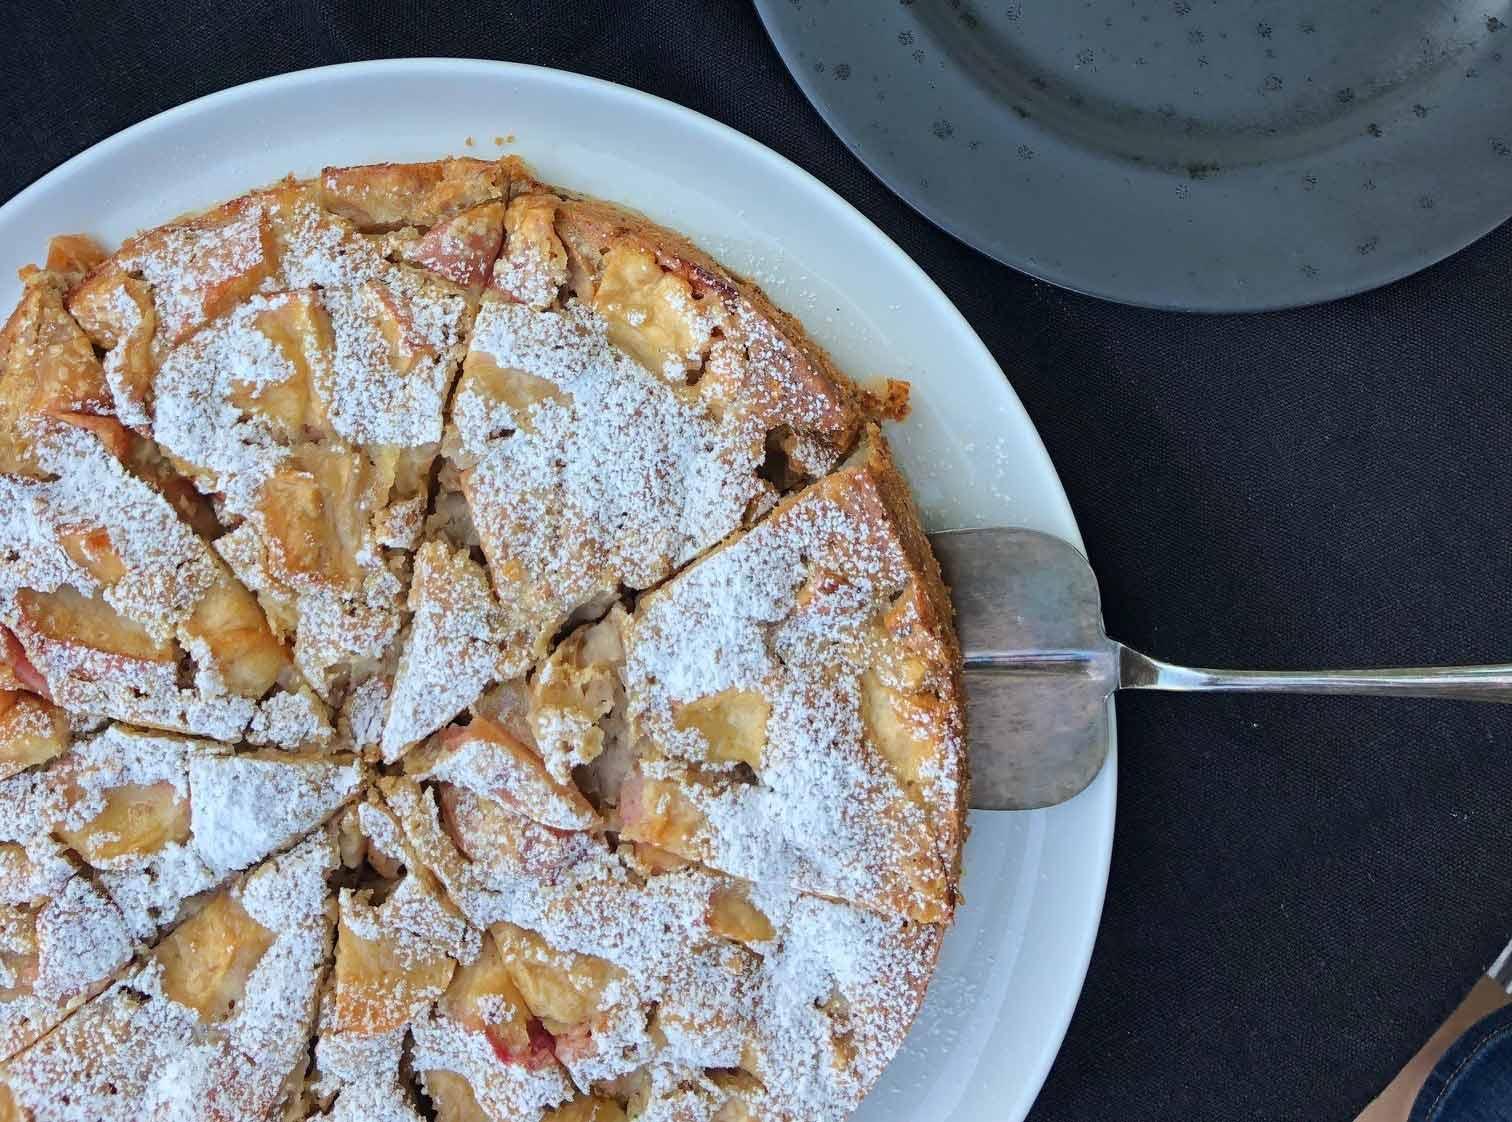 Garden Harvest Cake: Erntekuchen mit Äpfeln und Walnüssen